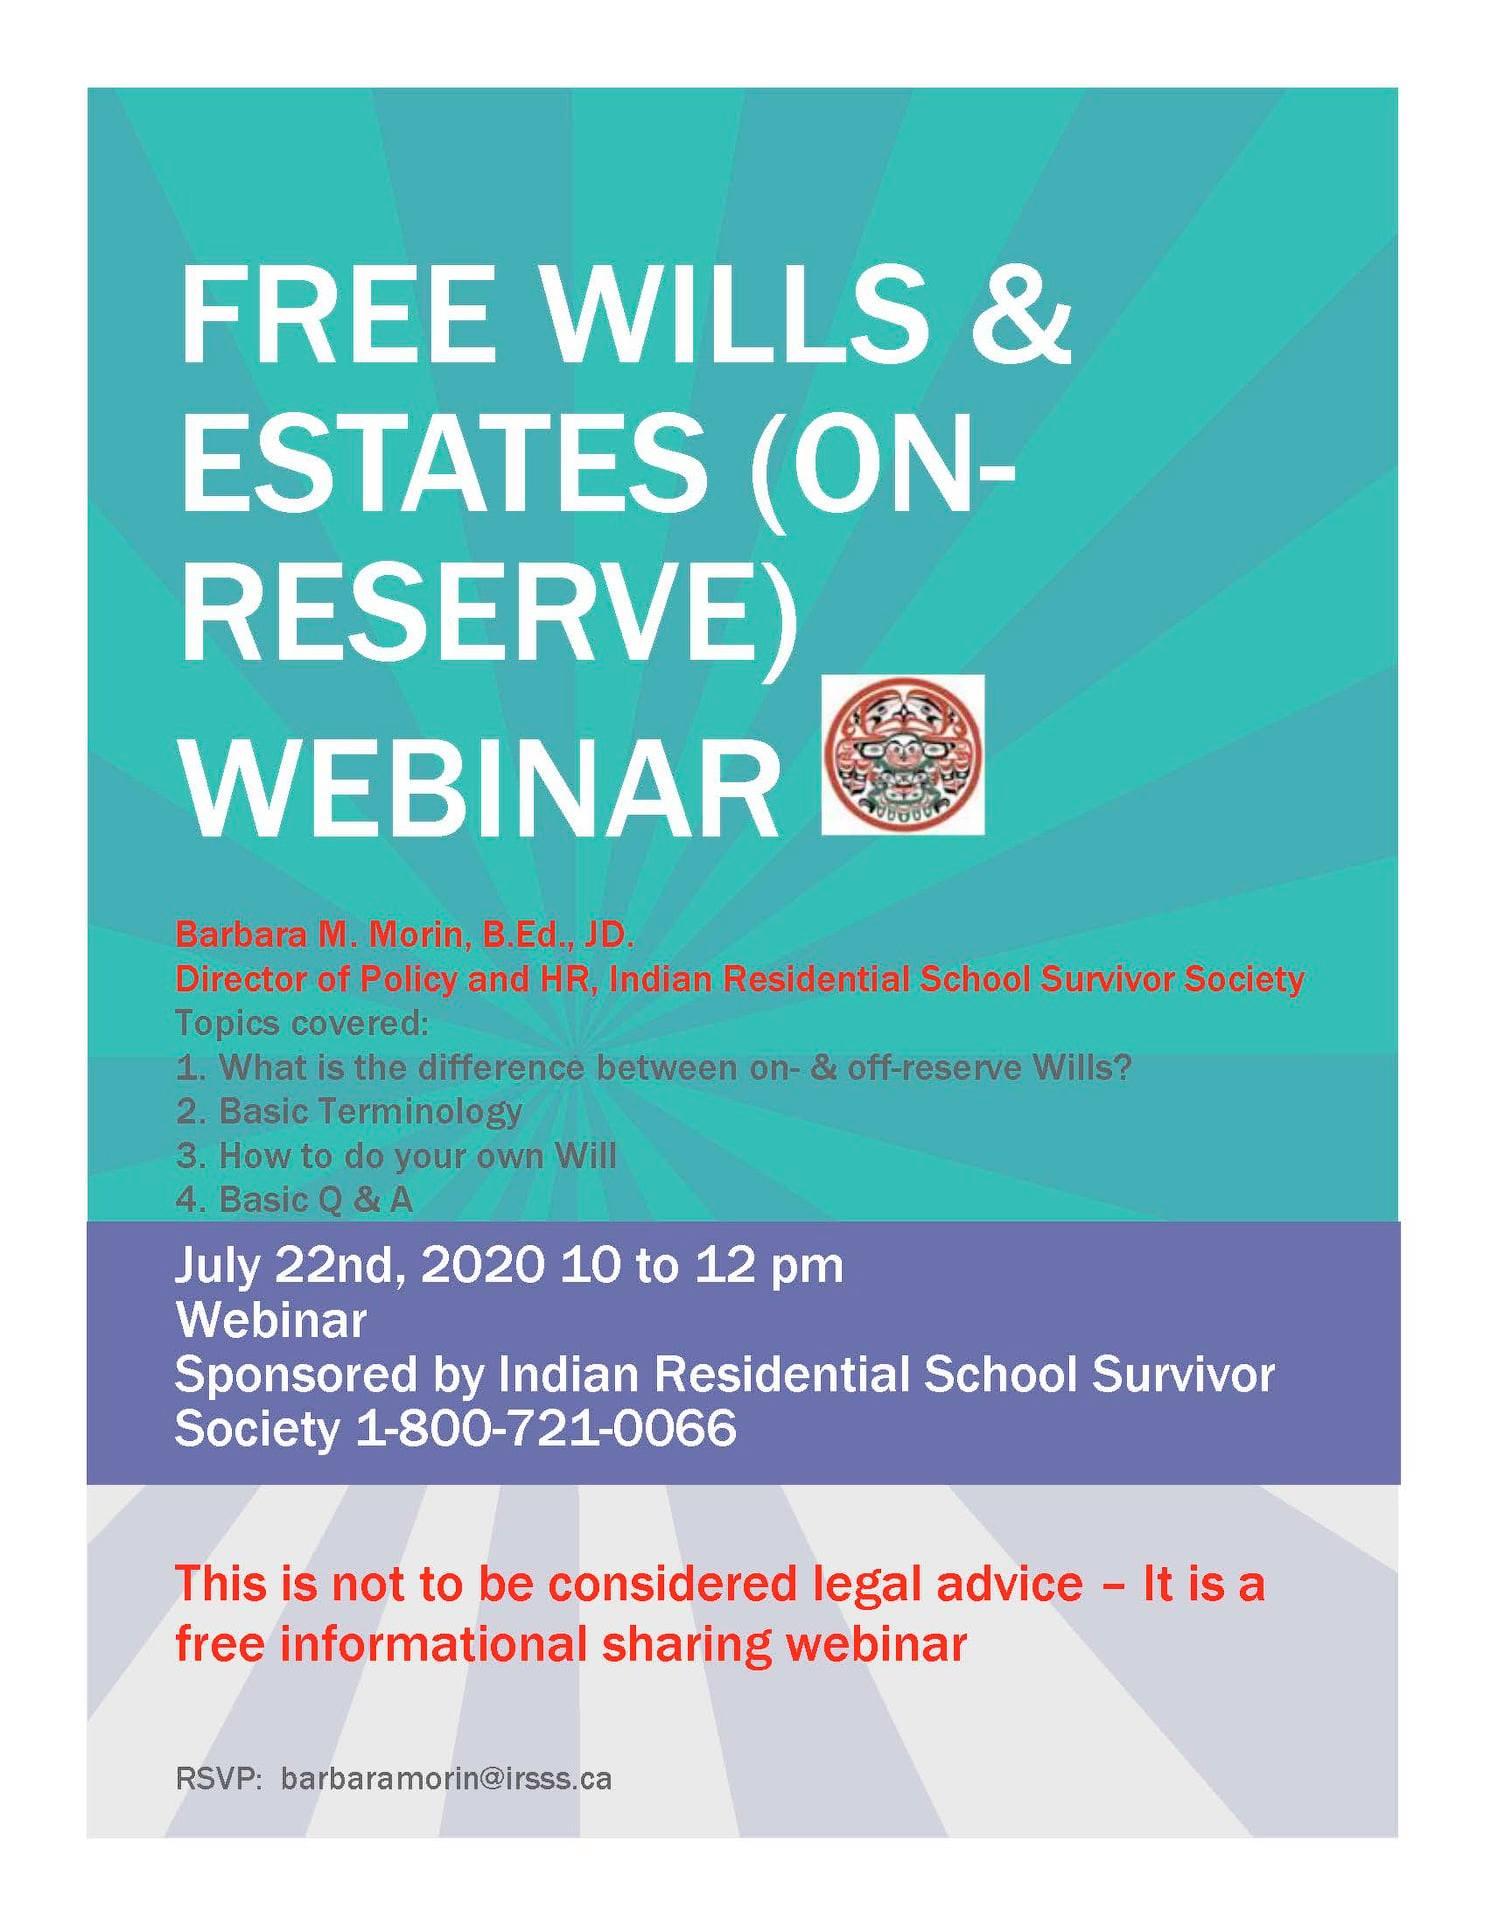 Wills & Estates Webinar